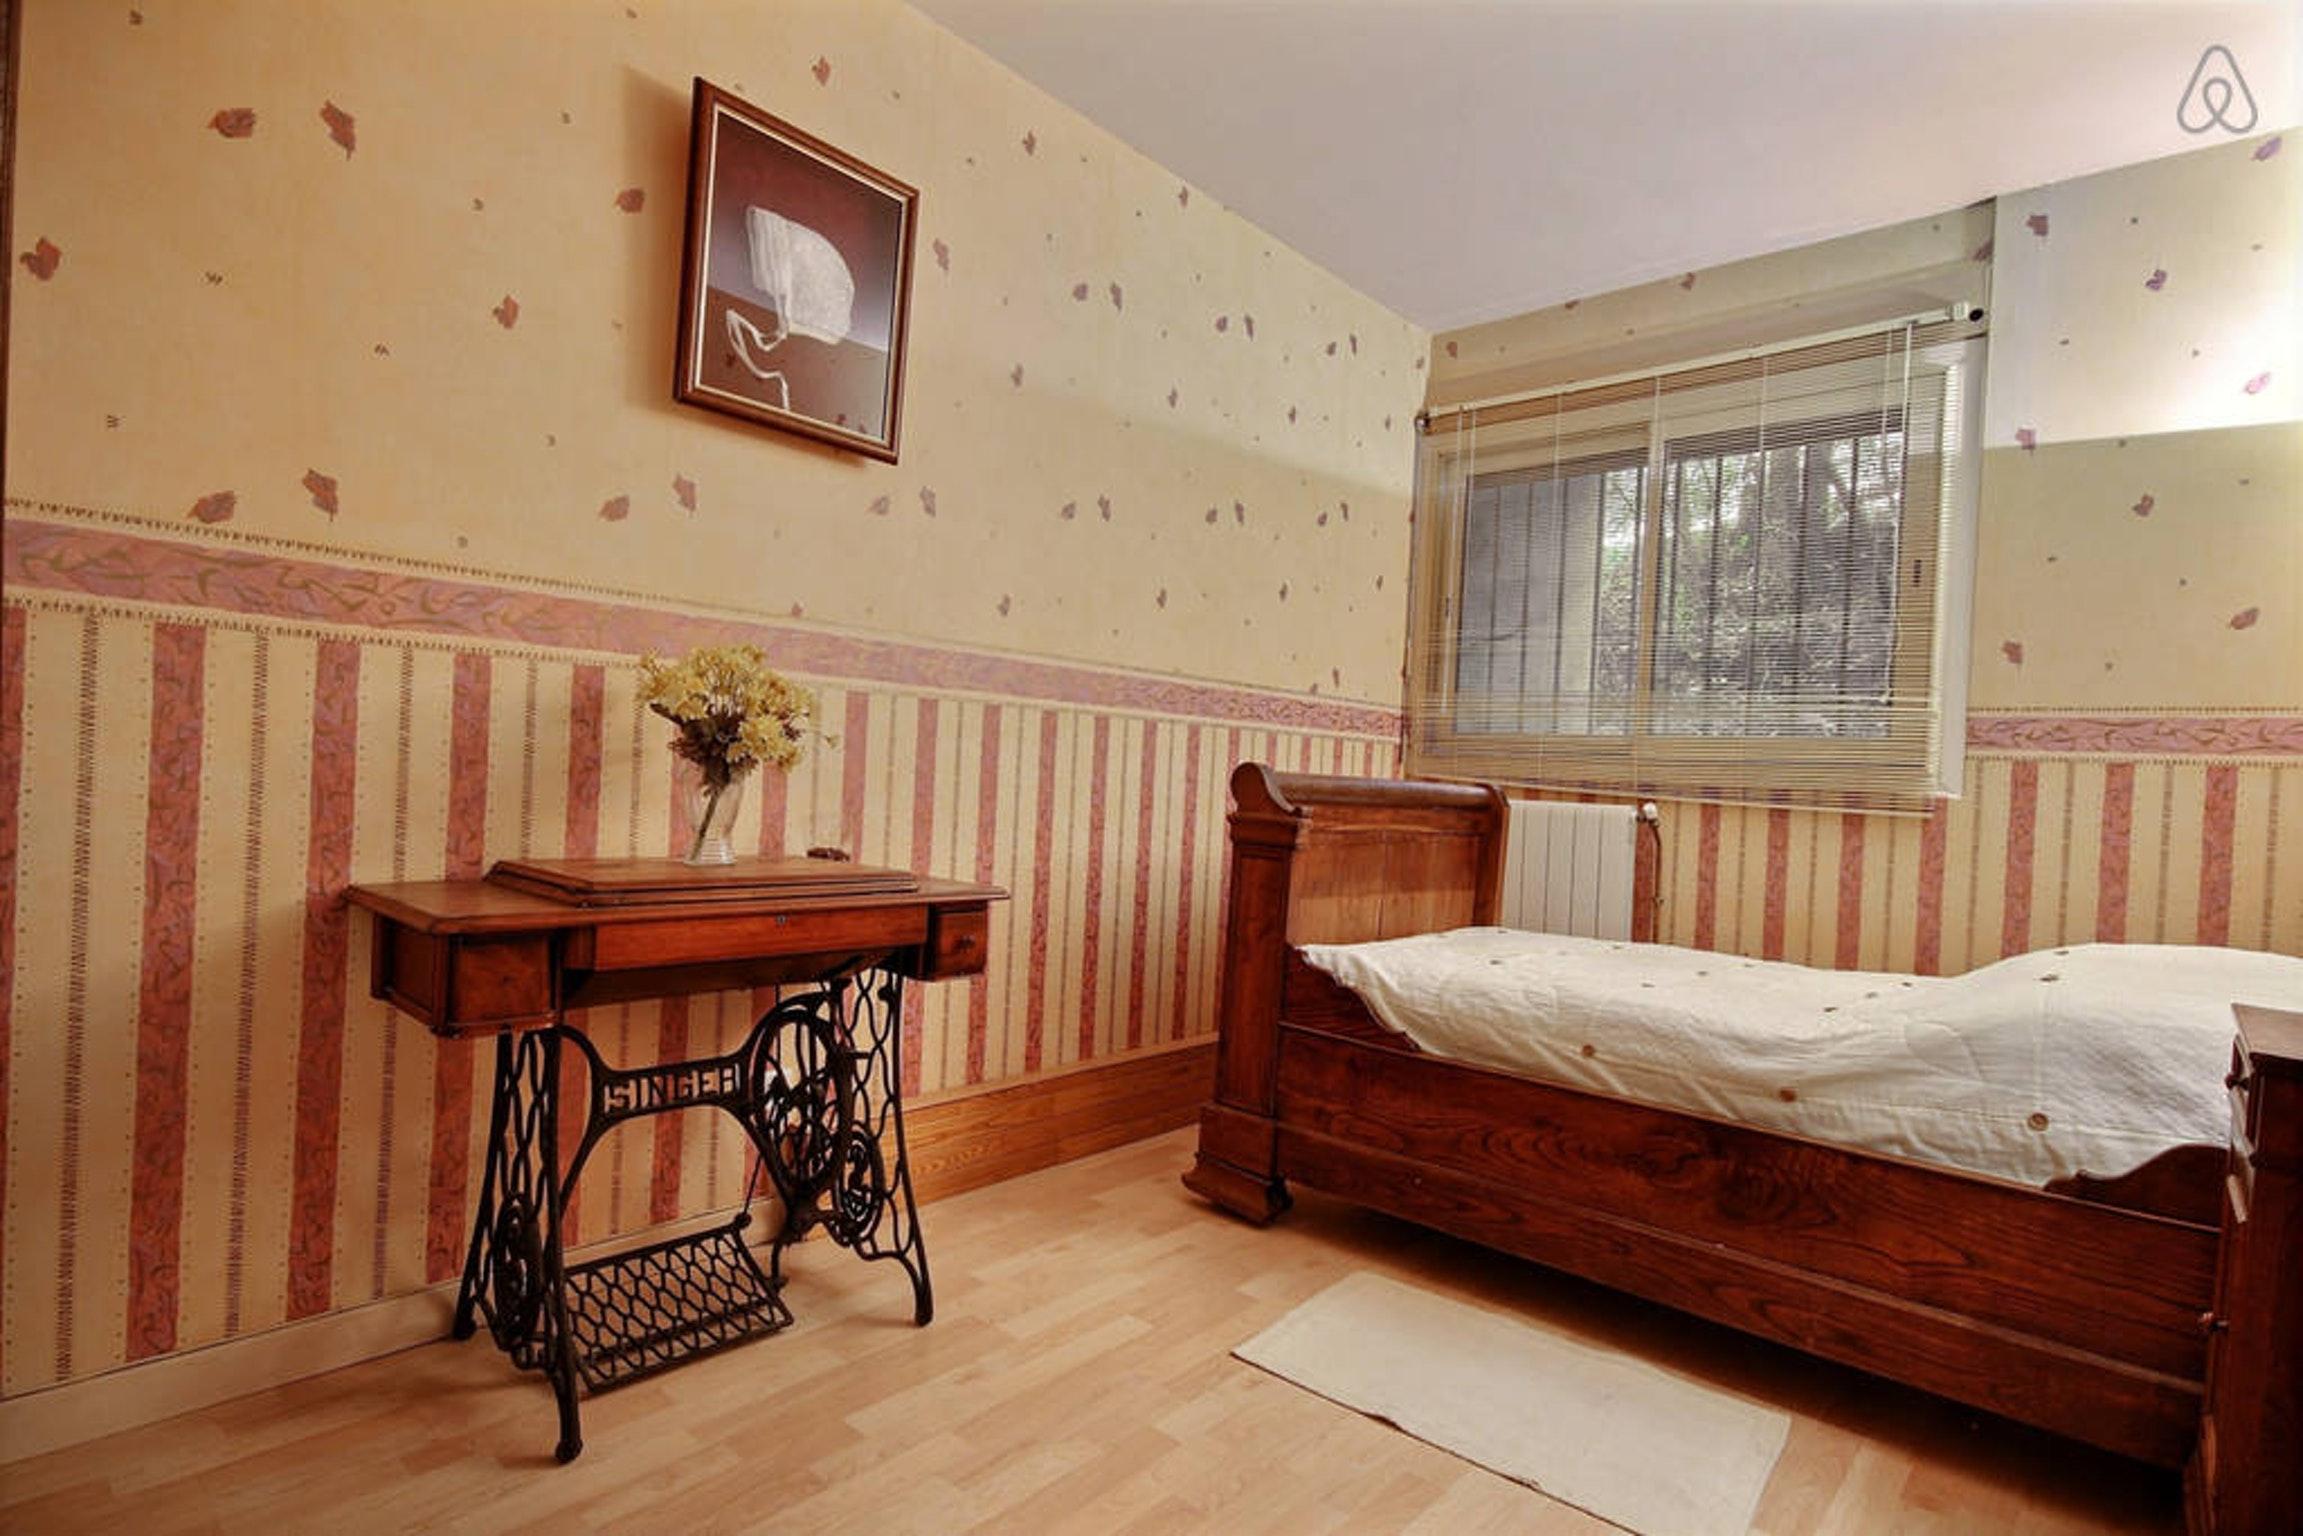 Ferienwohnung Wohnung mit 2 Zimmern in Montpellier mit möblierter Terrasse und W-LAN - 15 km vom Strand  (2351209), Montpellier, Mittelmeerküste Hérault, Languedoc-Roussillon, Frankreich, Bild 10